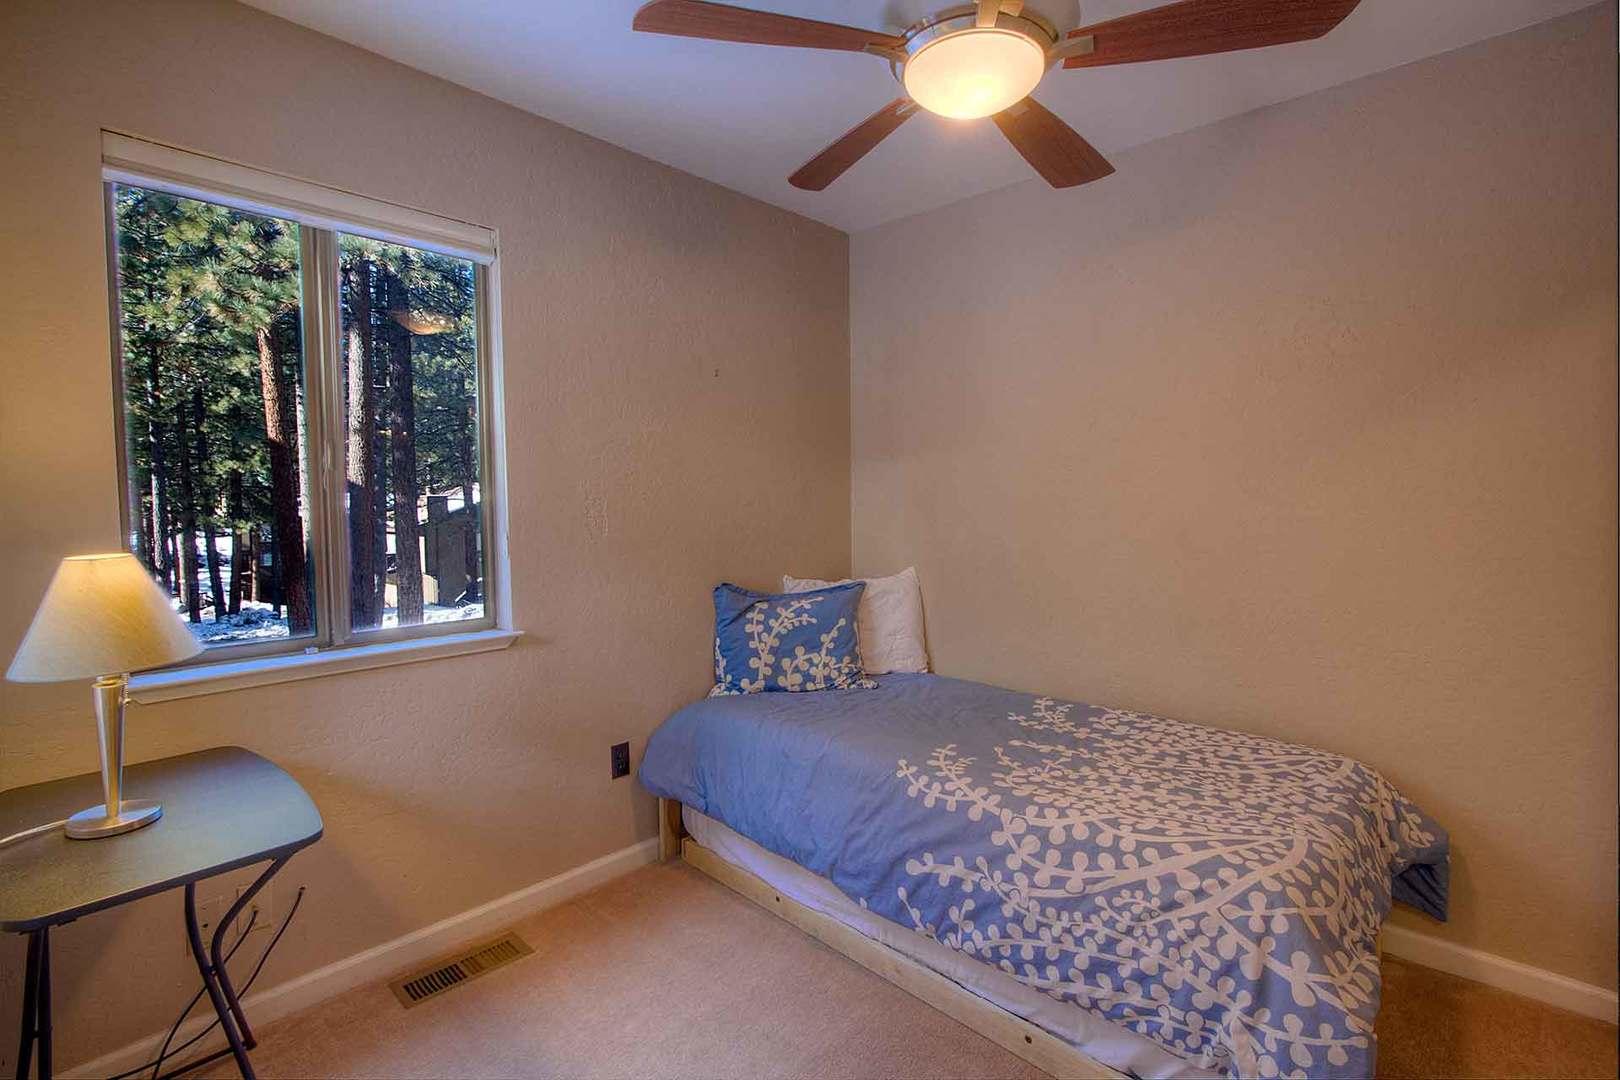 lvc0899 bedroom